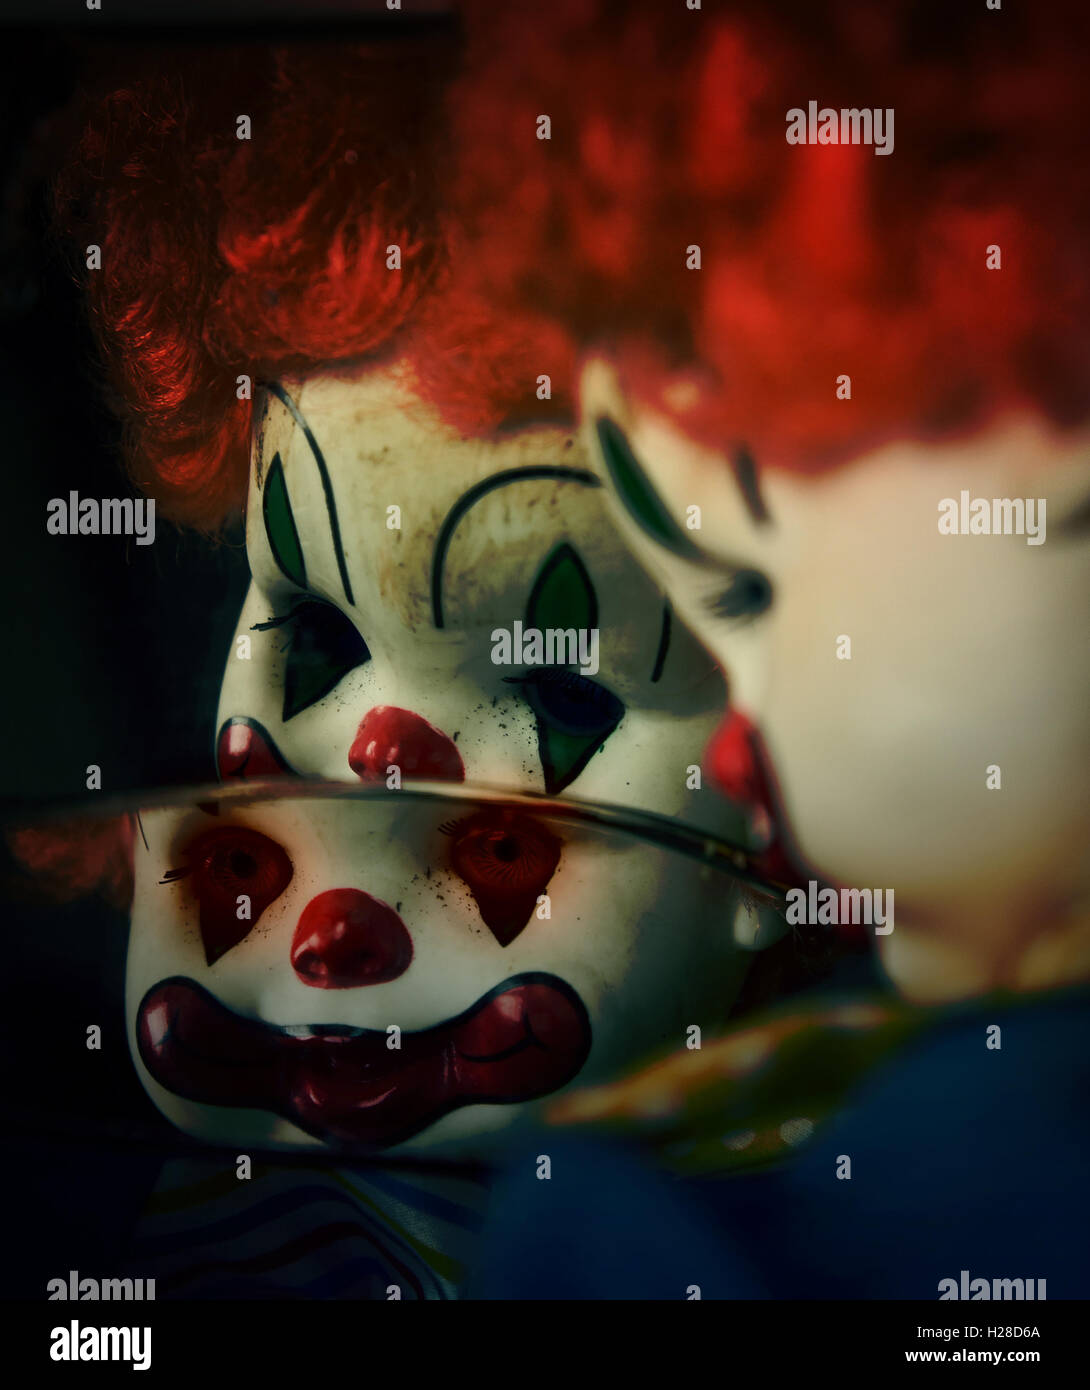 Un gros plan d'un clown maléfique effrayant à la poupée jouet dans un miroir brisé qui pourrait être possédé par le mal pour une Halloween. Banque D'Images